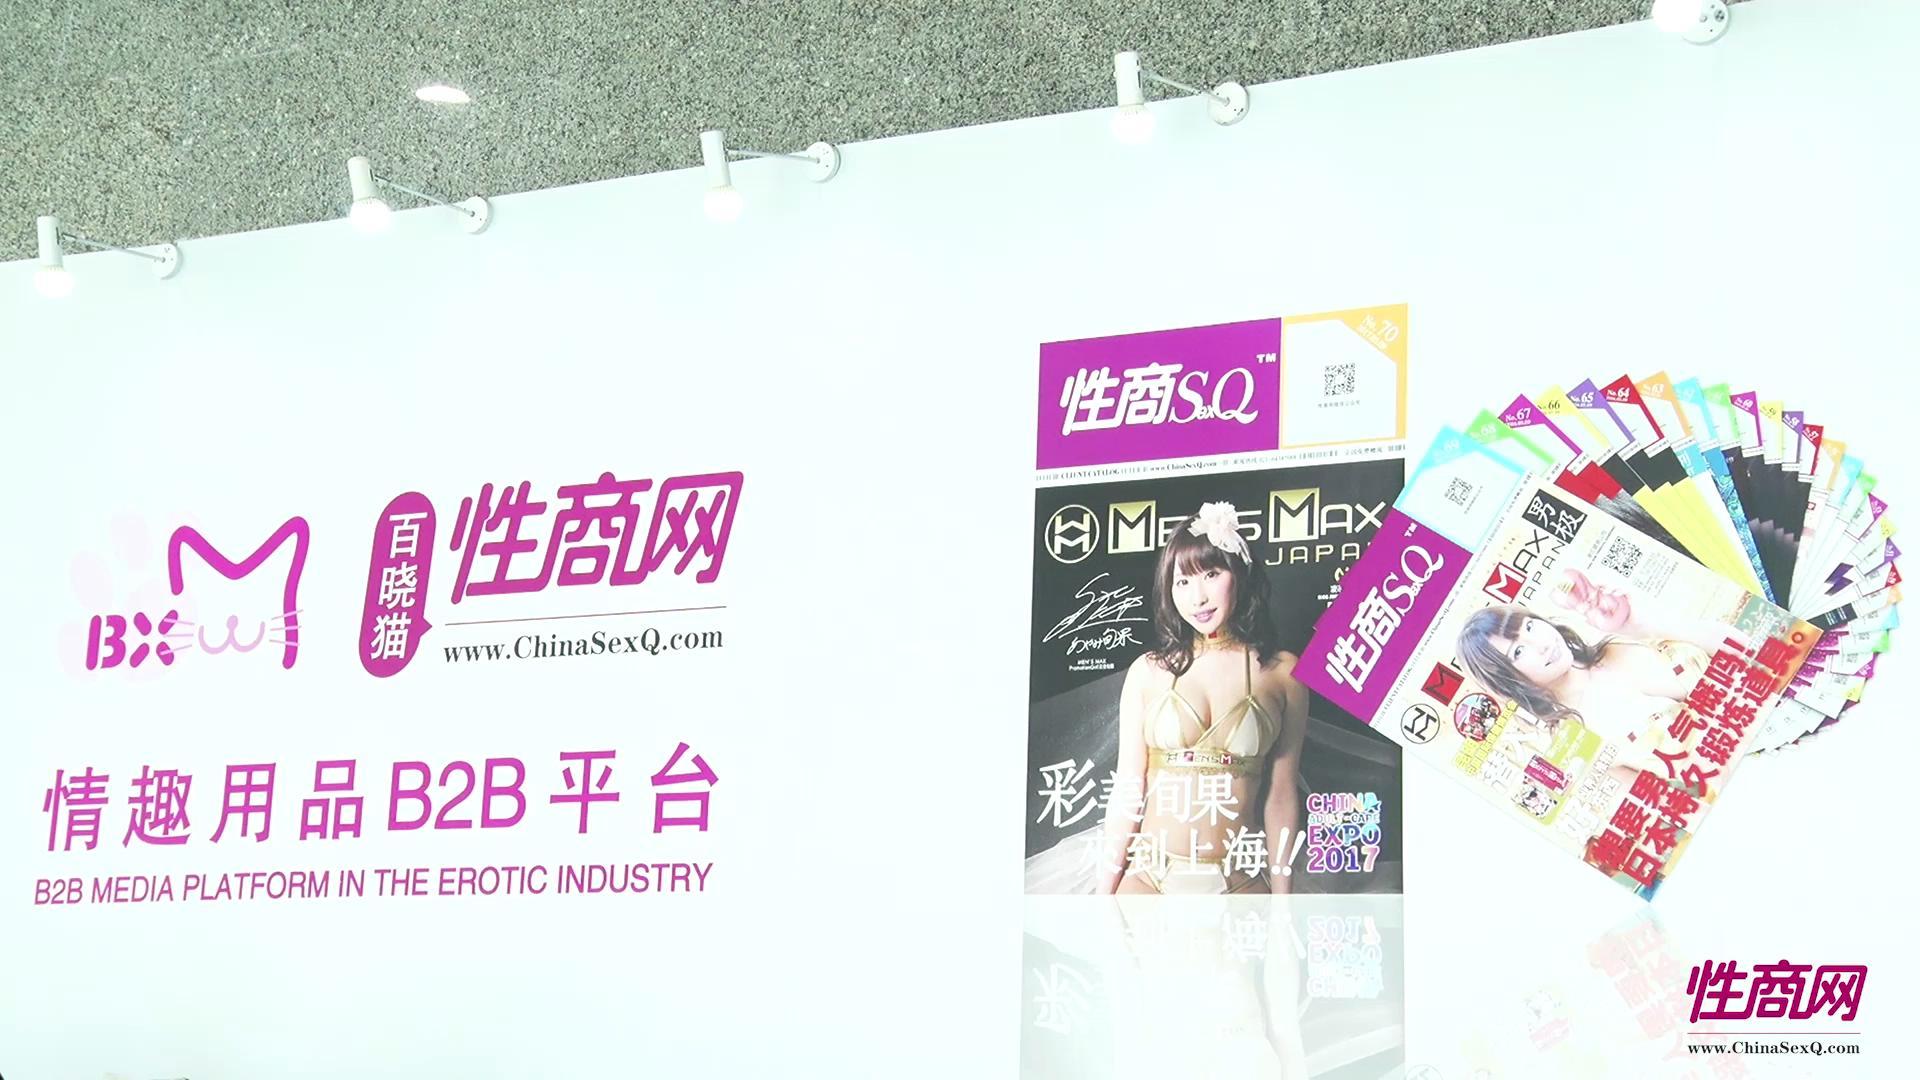 视频:2017上海成人展火爆,又一个风口?图片2